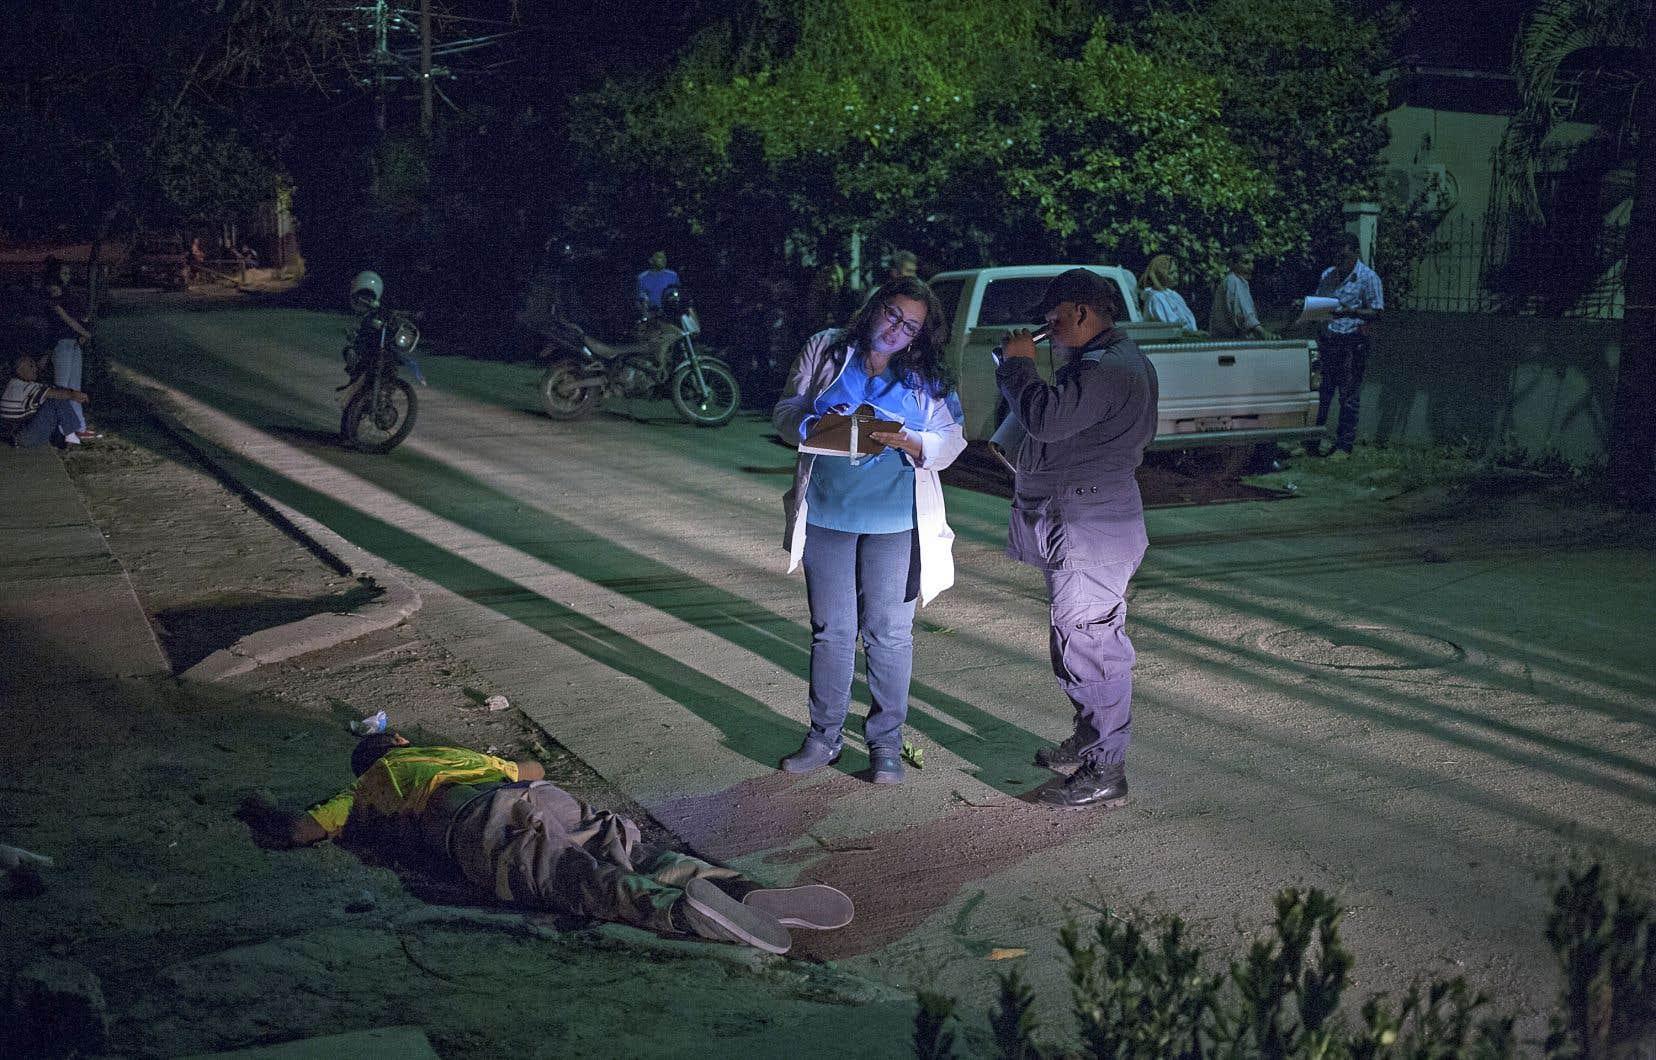 Au Honduras, le taux d'homicide est plus de 30 fois supérieur à celui du Canada.